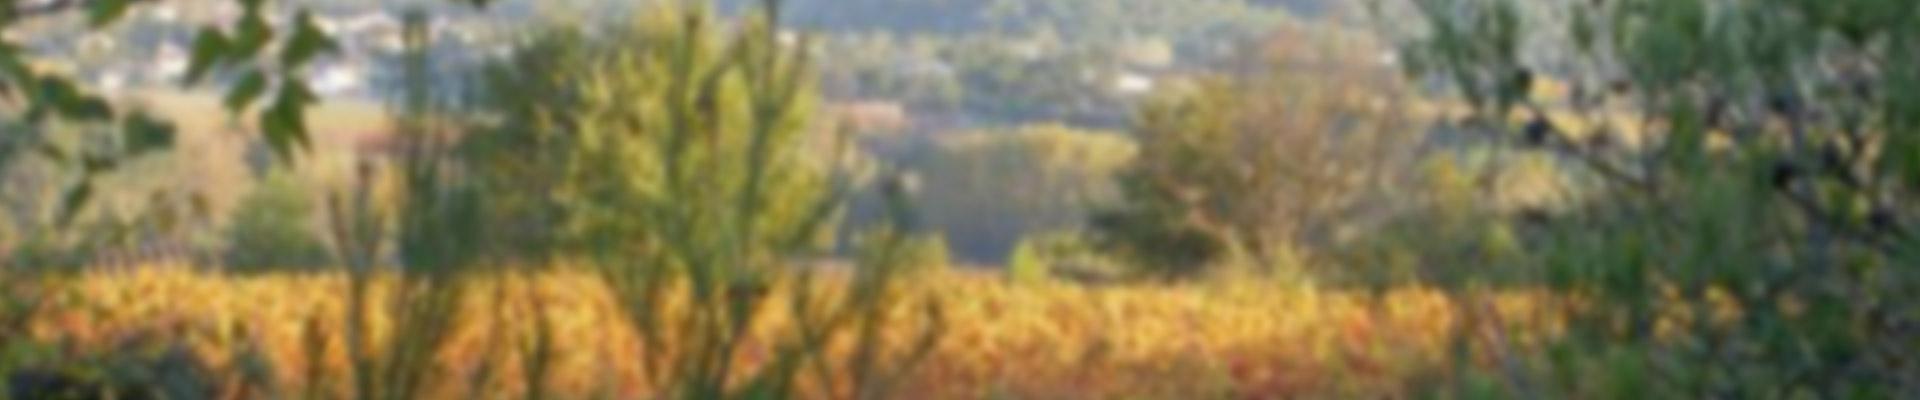 Domaine de Saint-Just